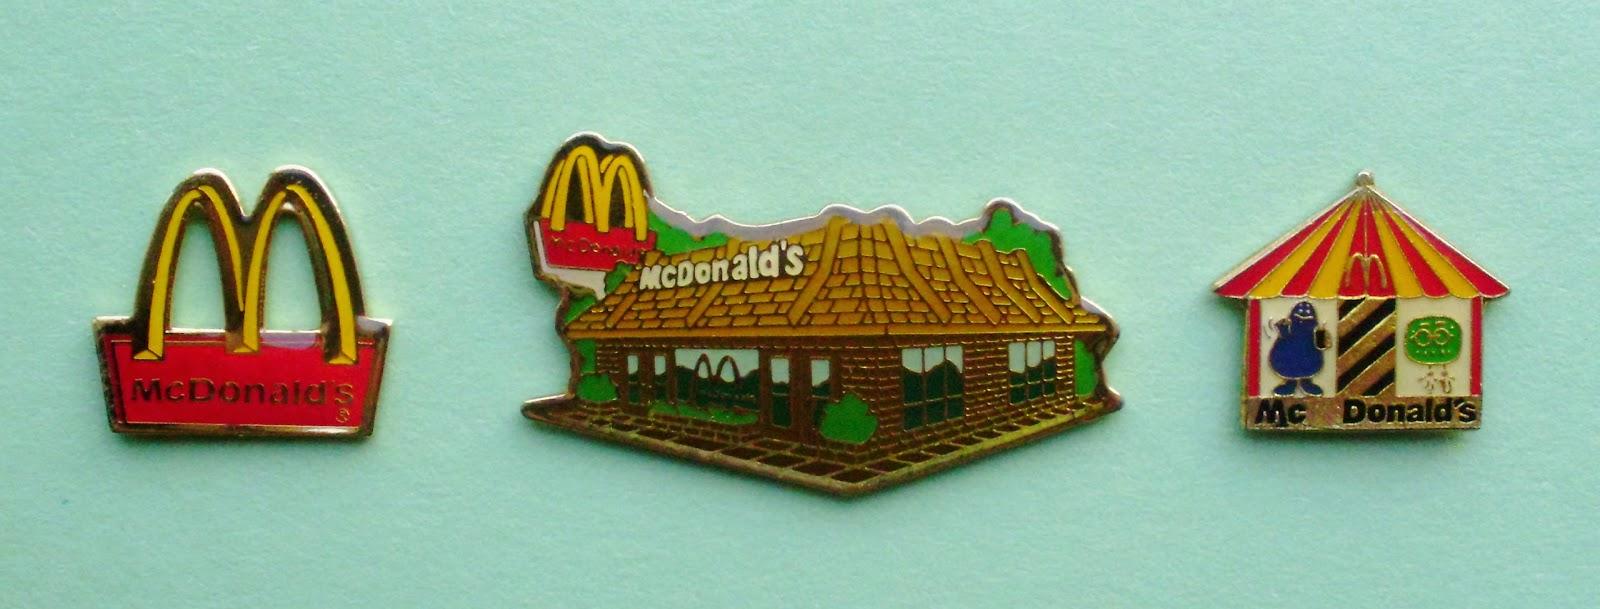 Pin to me casa mcdonald for Casa mcdonald